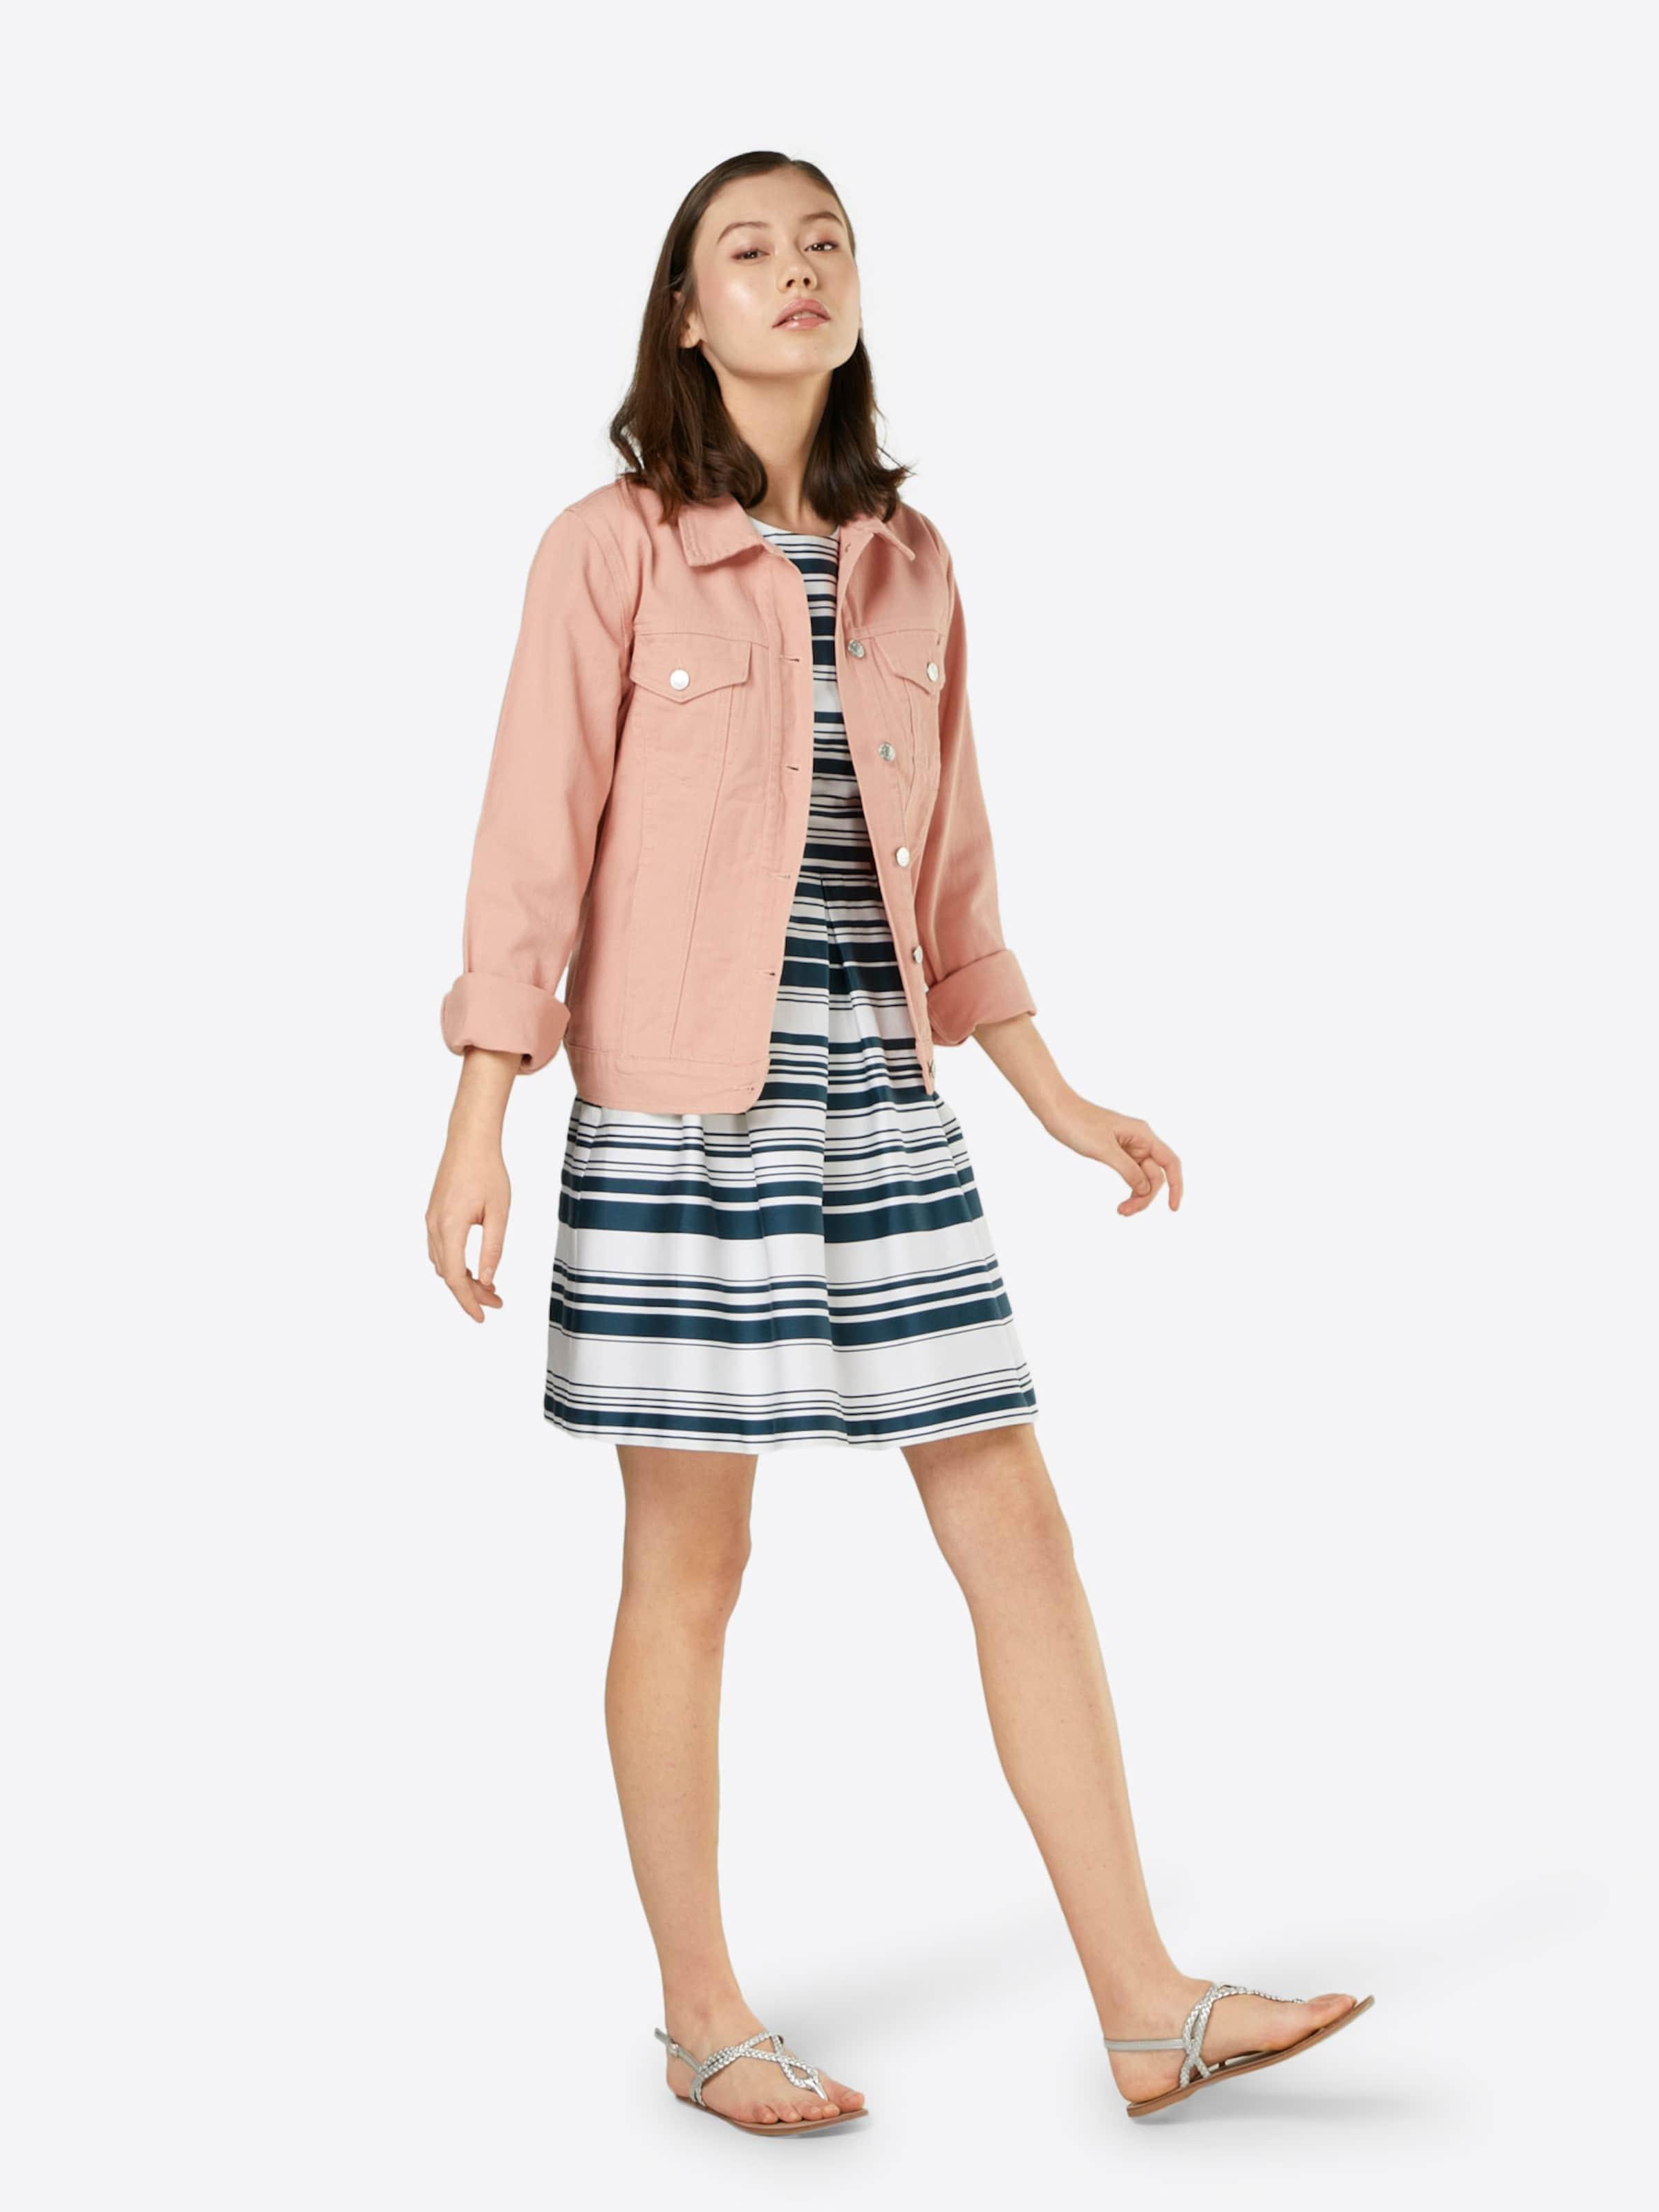 ABOUT YOU Kleid 'Carola' Verkaufsqualität LzQ0q4